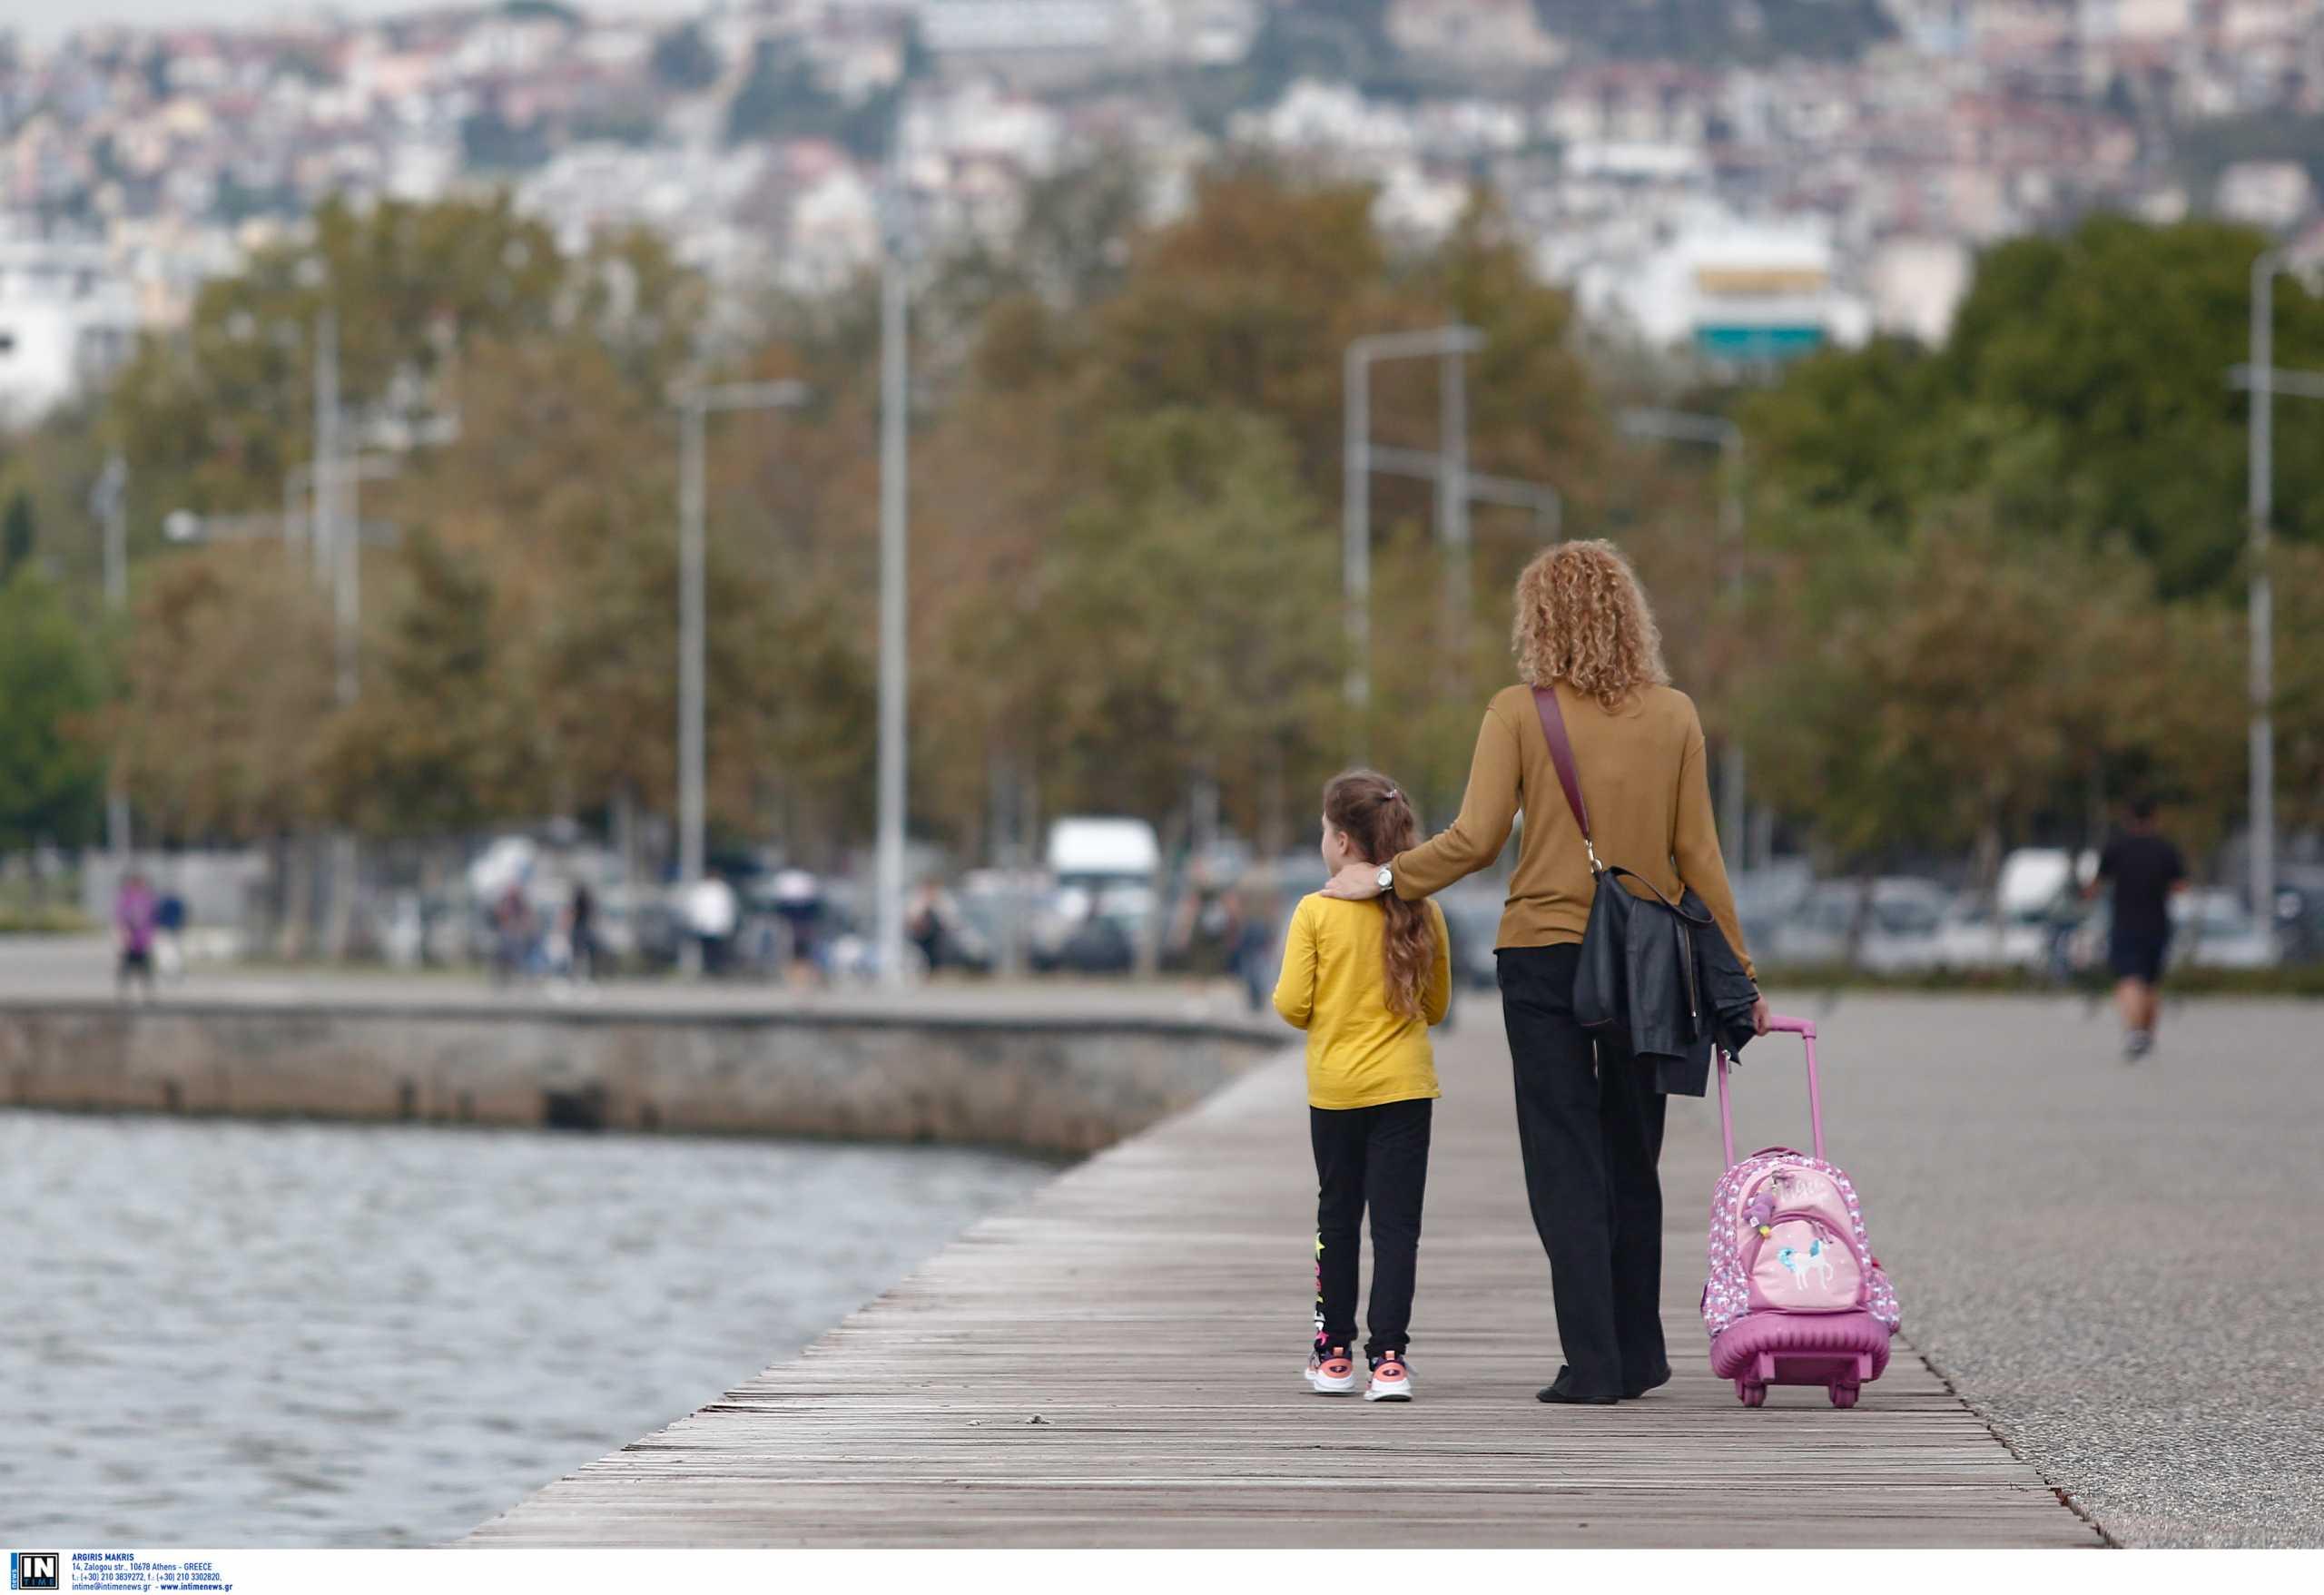 Κορονοϊός: Αγωνία για το ιικό φορτίο στη Βόρεια Ελλάδα – Δράμα, Καστοριά και Ξάνθη «φλερτάρουν» με lockdown